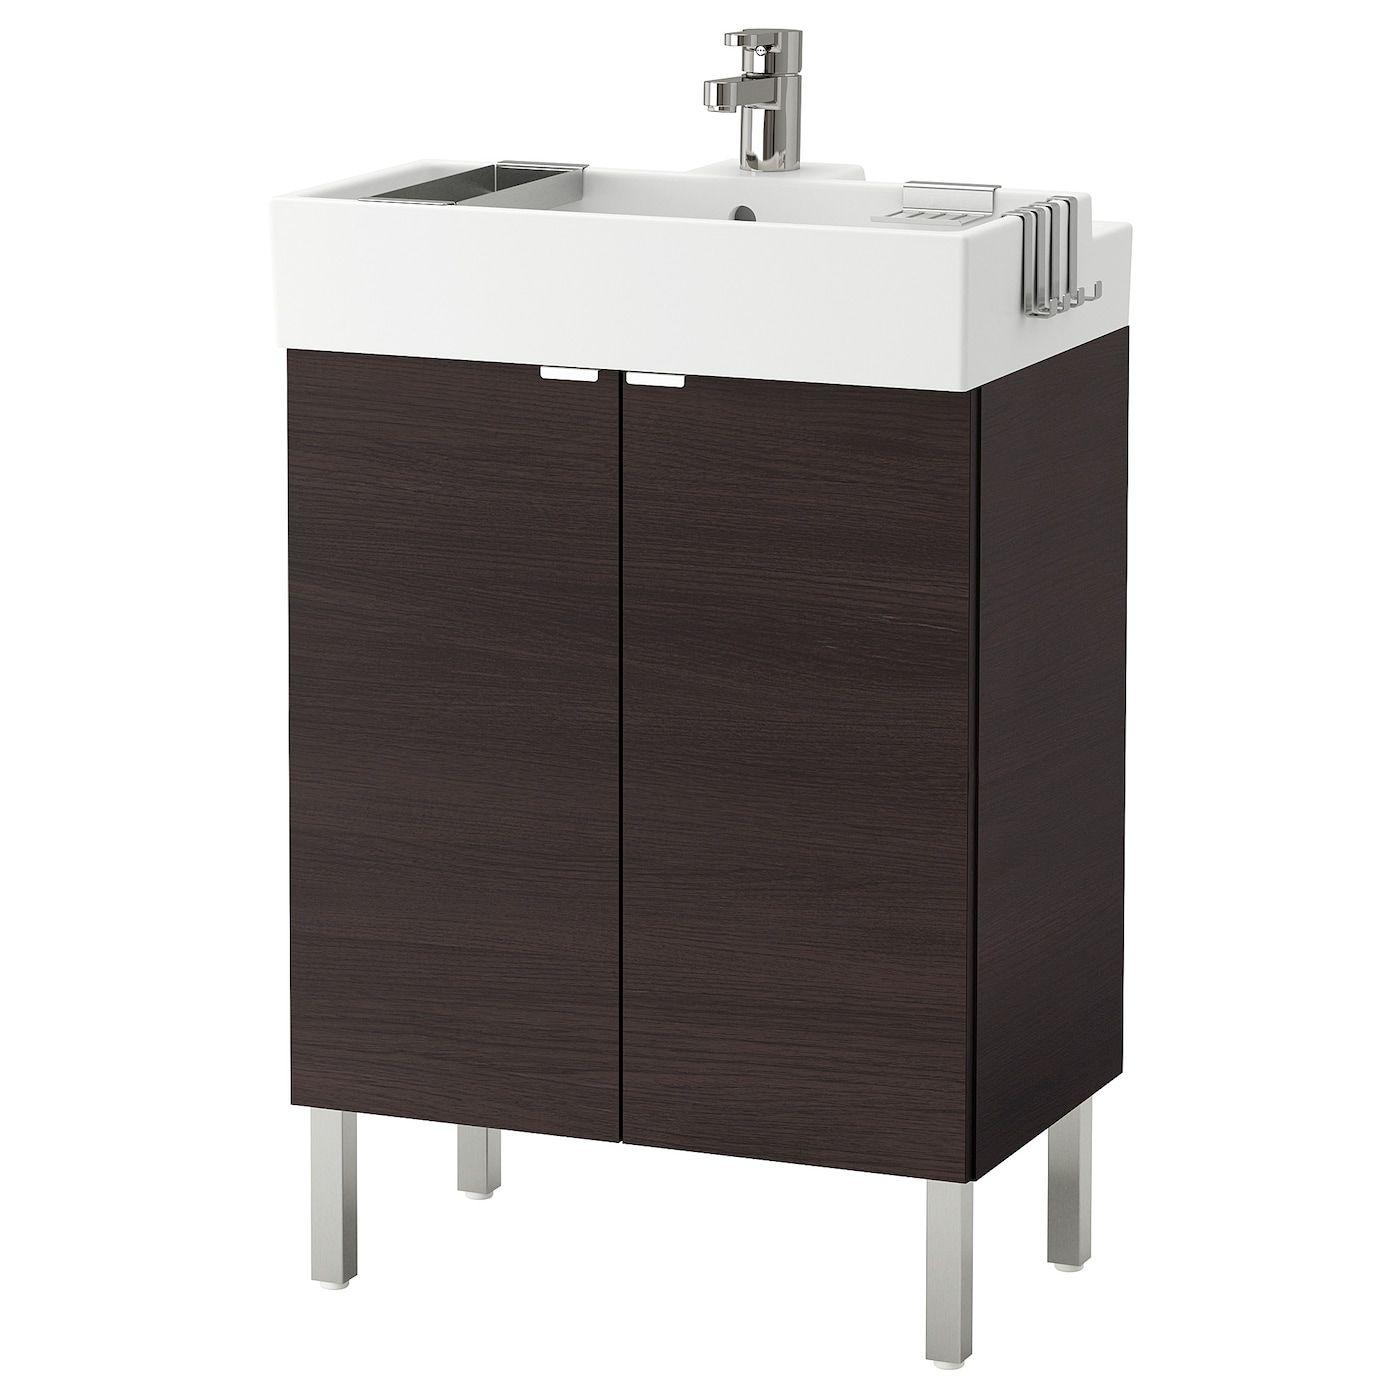 IKEA LILLÅNGEN Bathroom vanity w 2 doors blackbrown